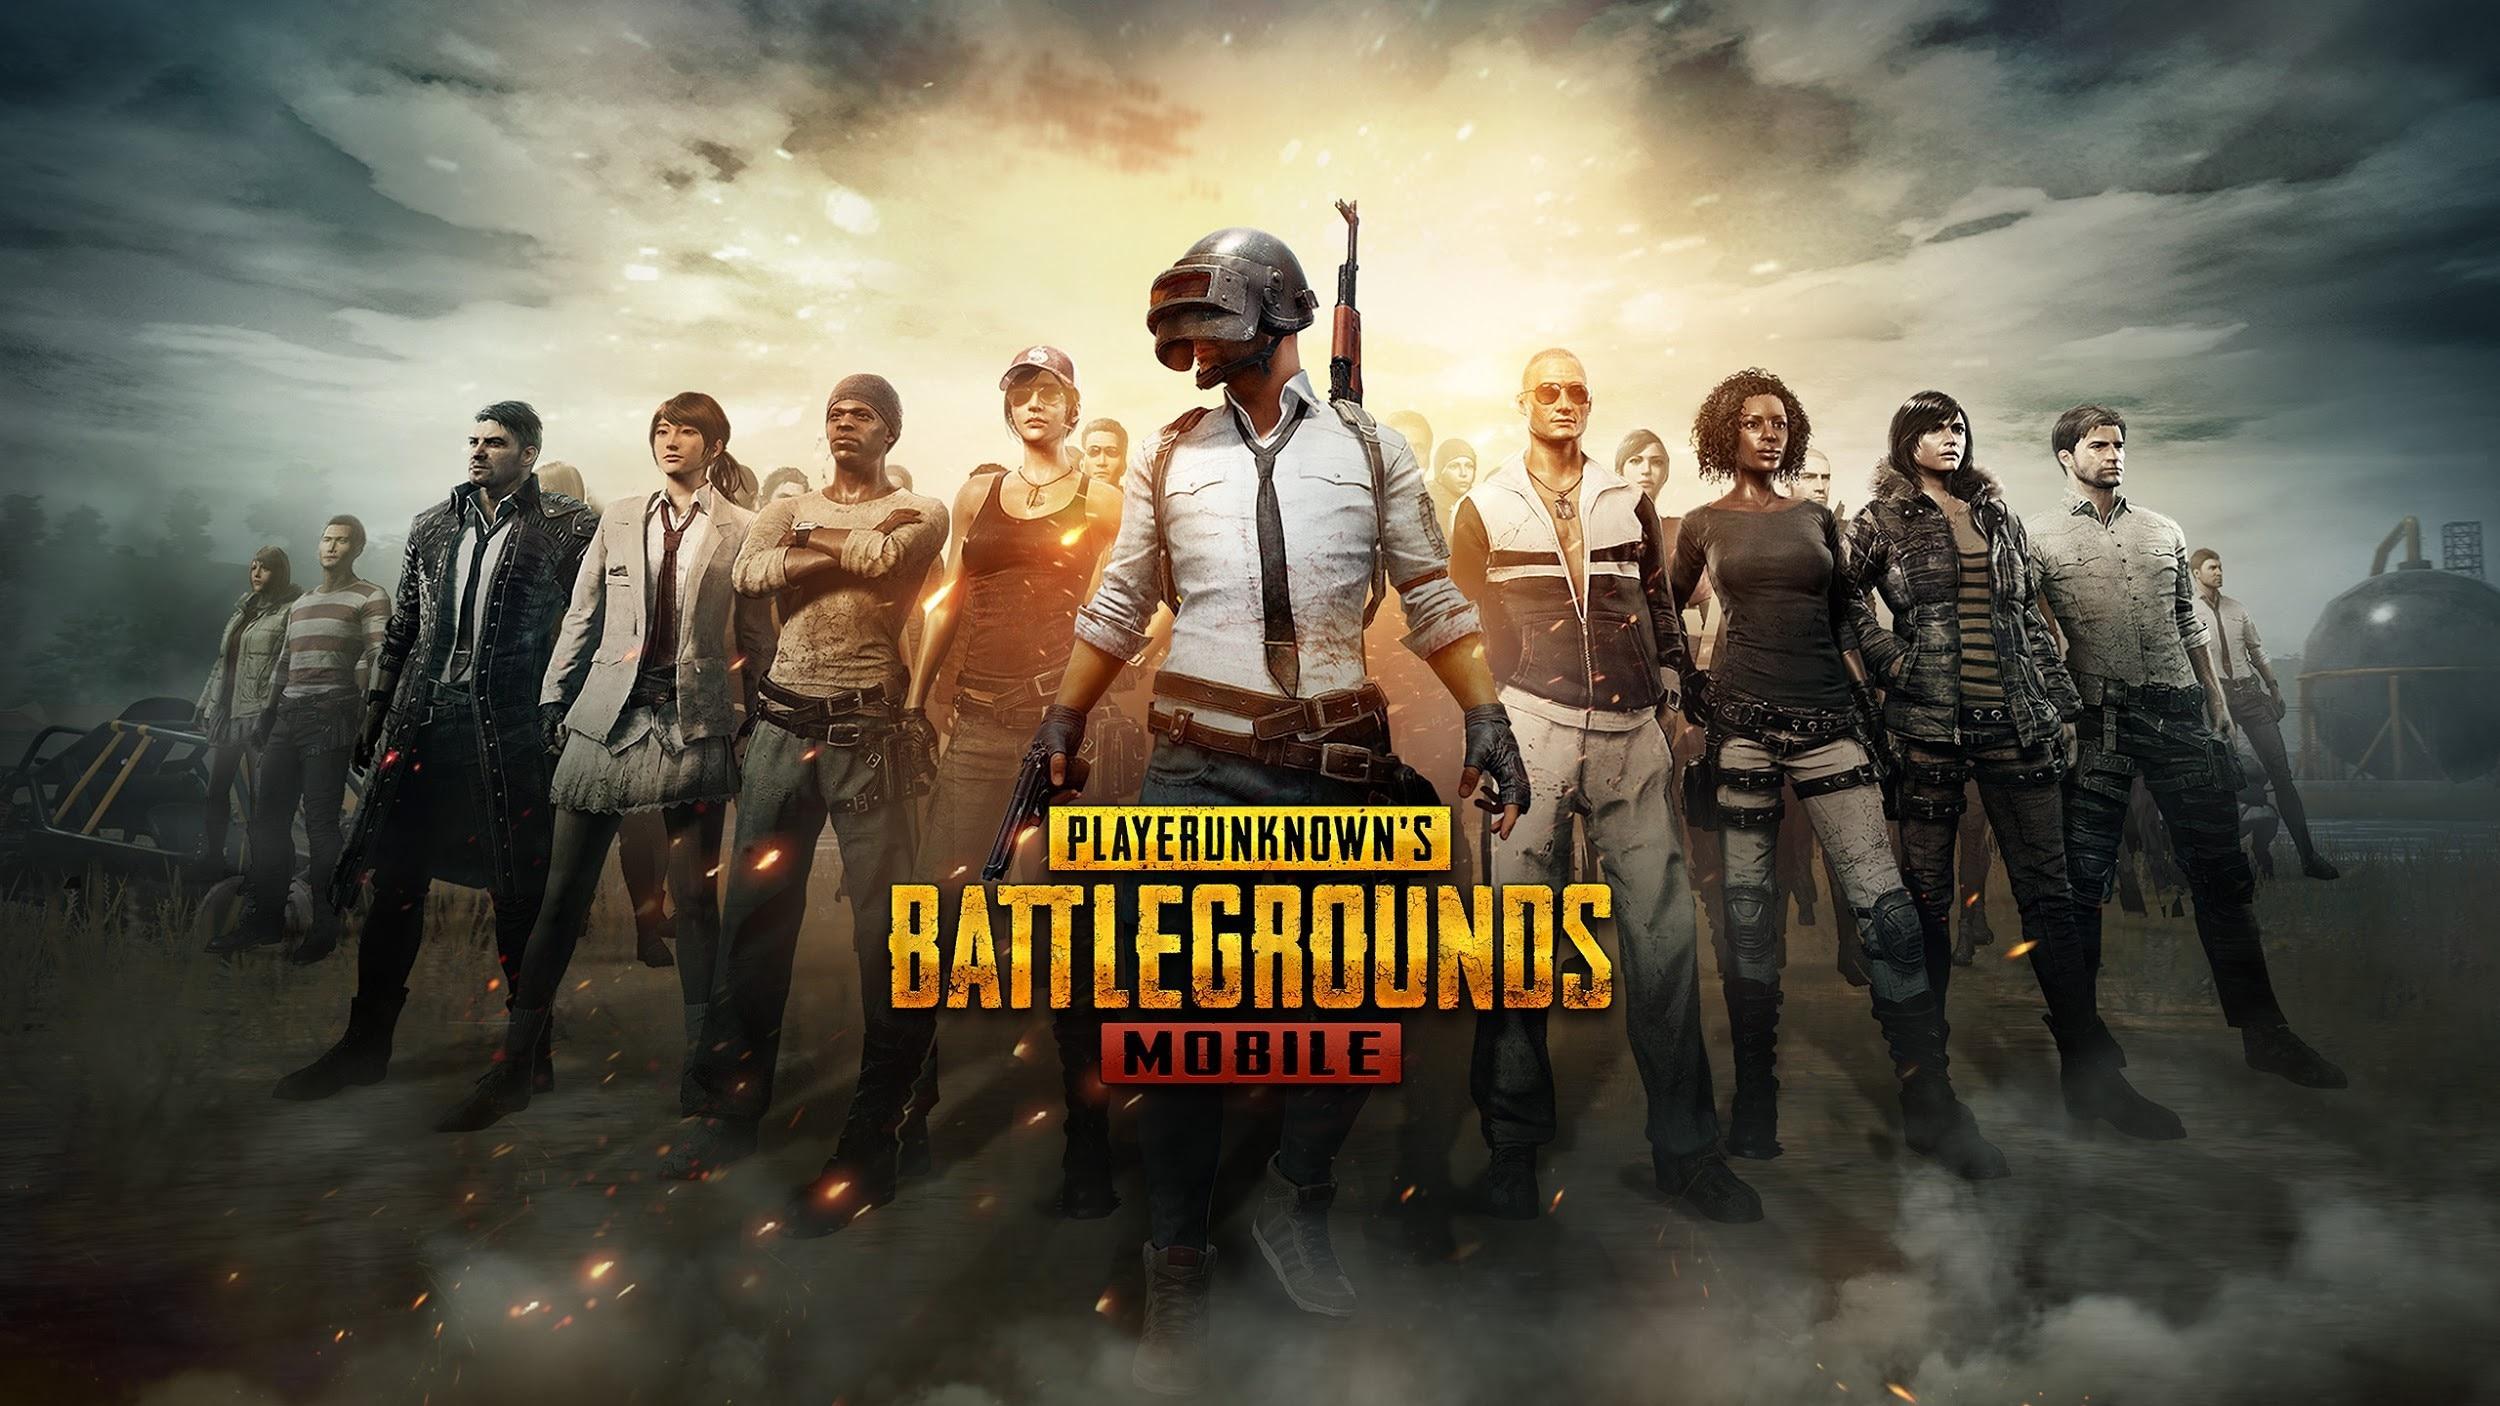 jeux les plus populaires sur youtube